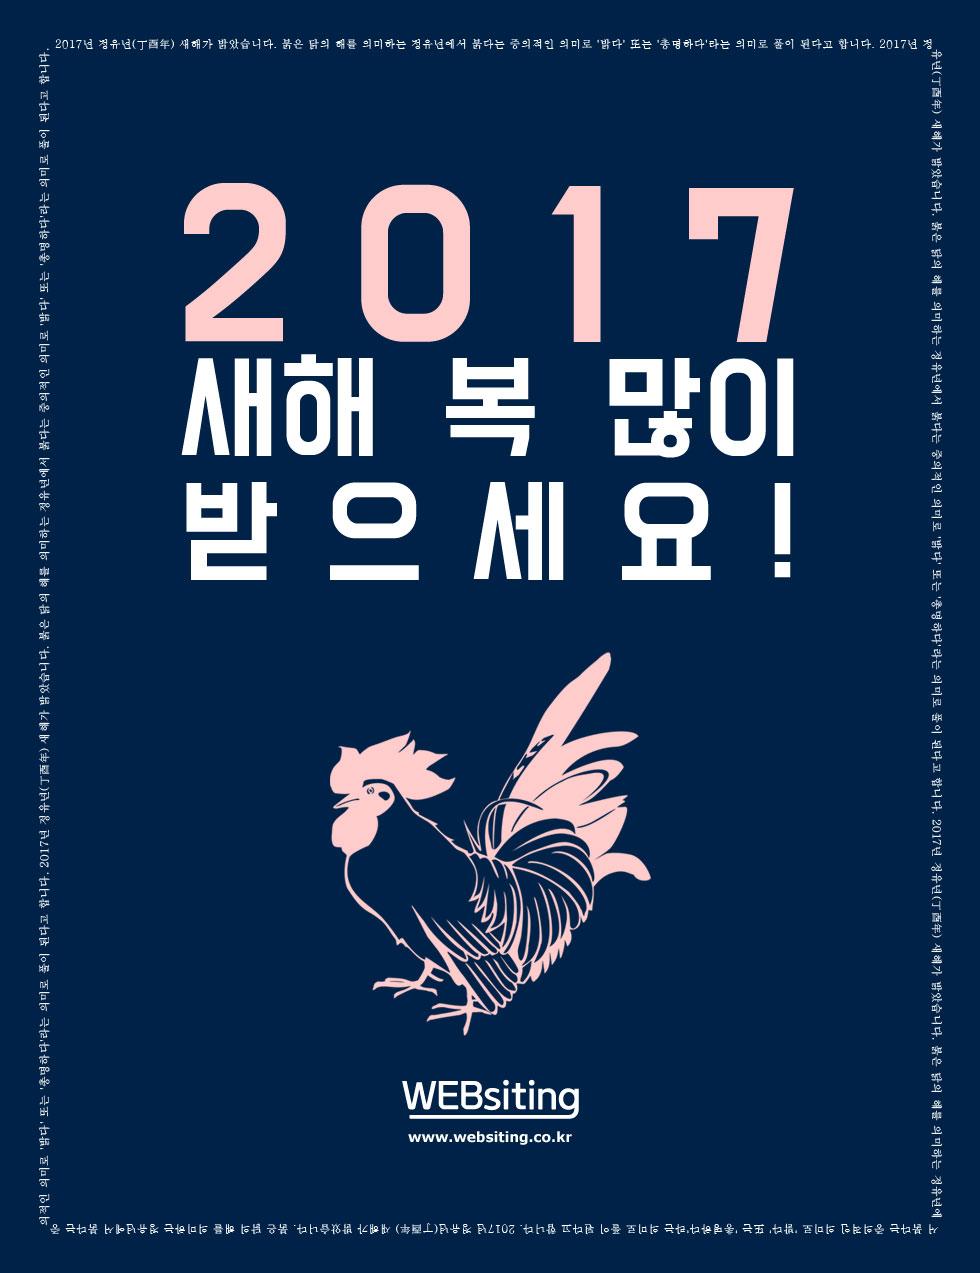 2017년 새해 복 많이 받으세요!